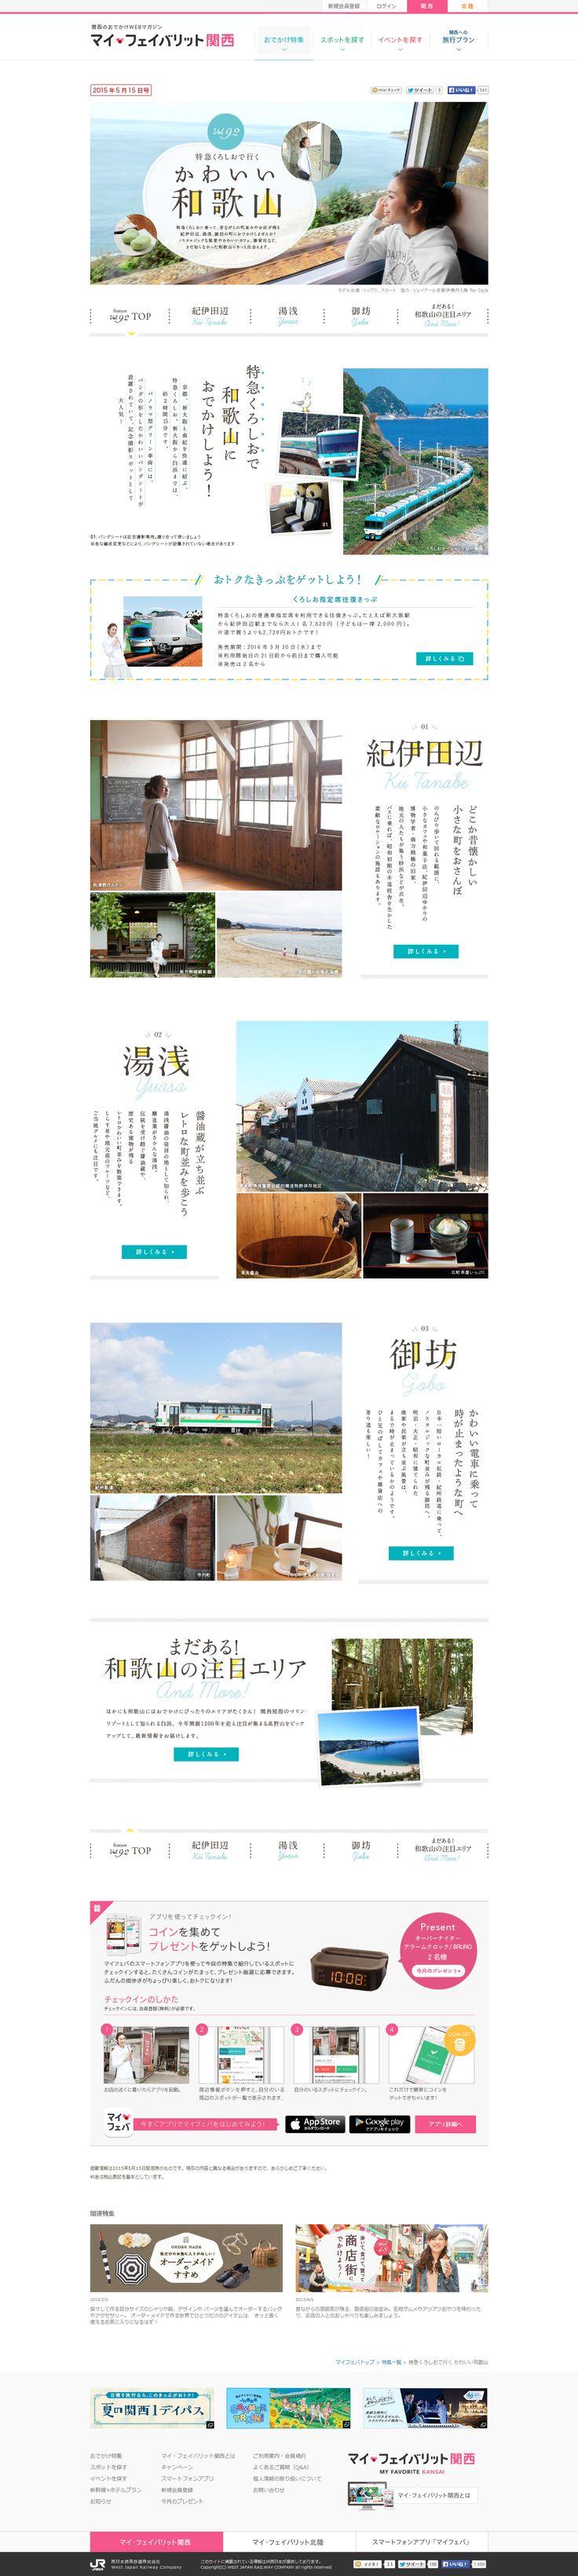 【特集Vol.92】特急くろしおで行く かわいい和歌山:マイ・フェイバリット関西